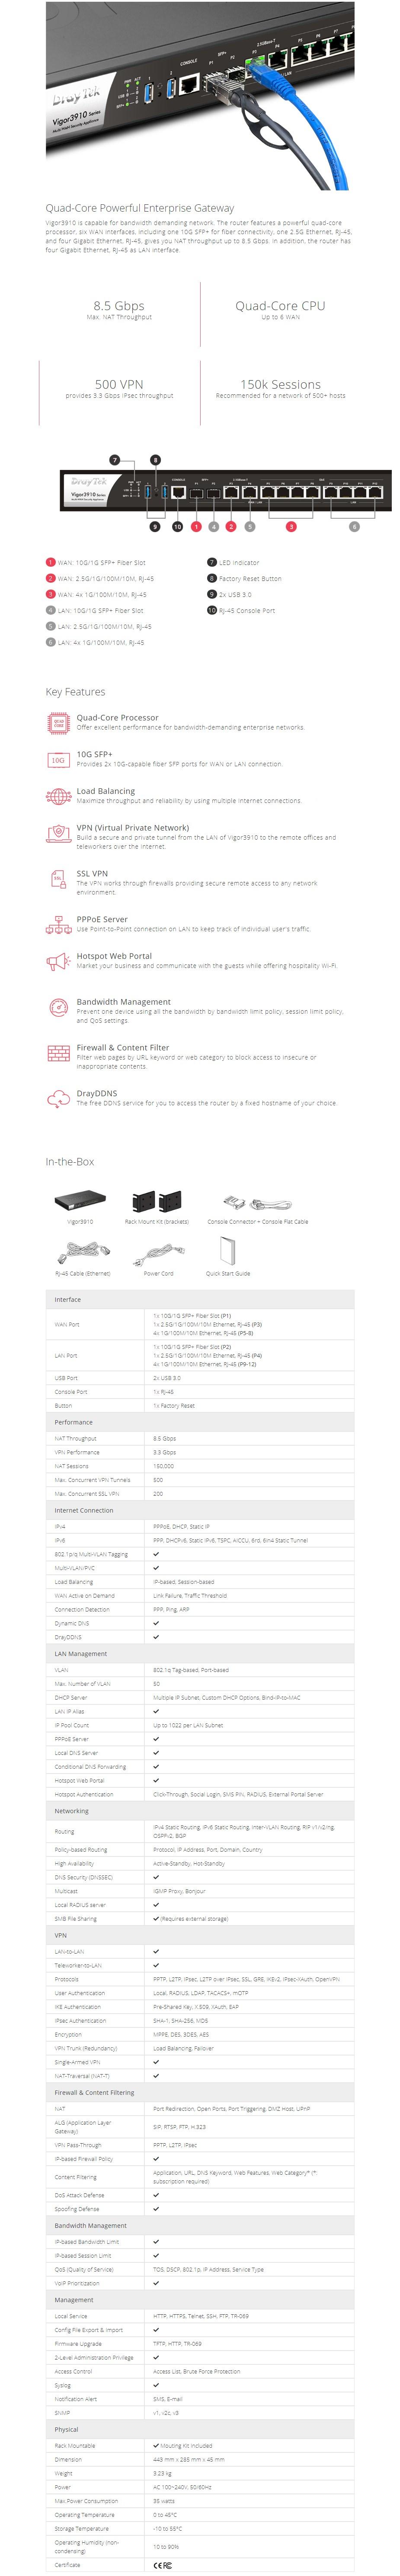 DrayTek Vigor 3910 8 Port WAN Gigabit Broadband Router with 2 SFP+ - Overview 1